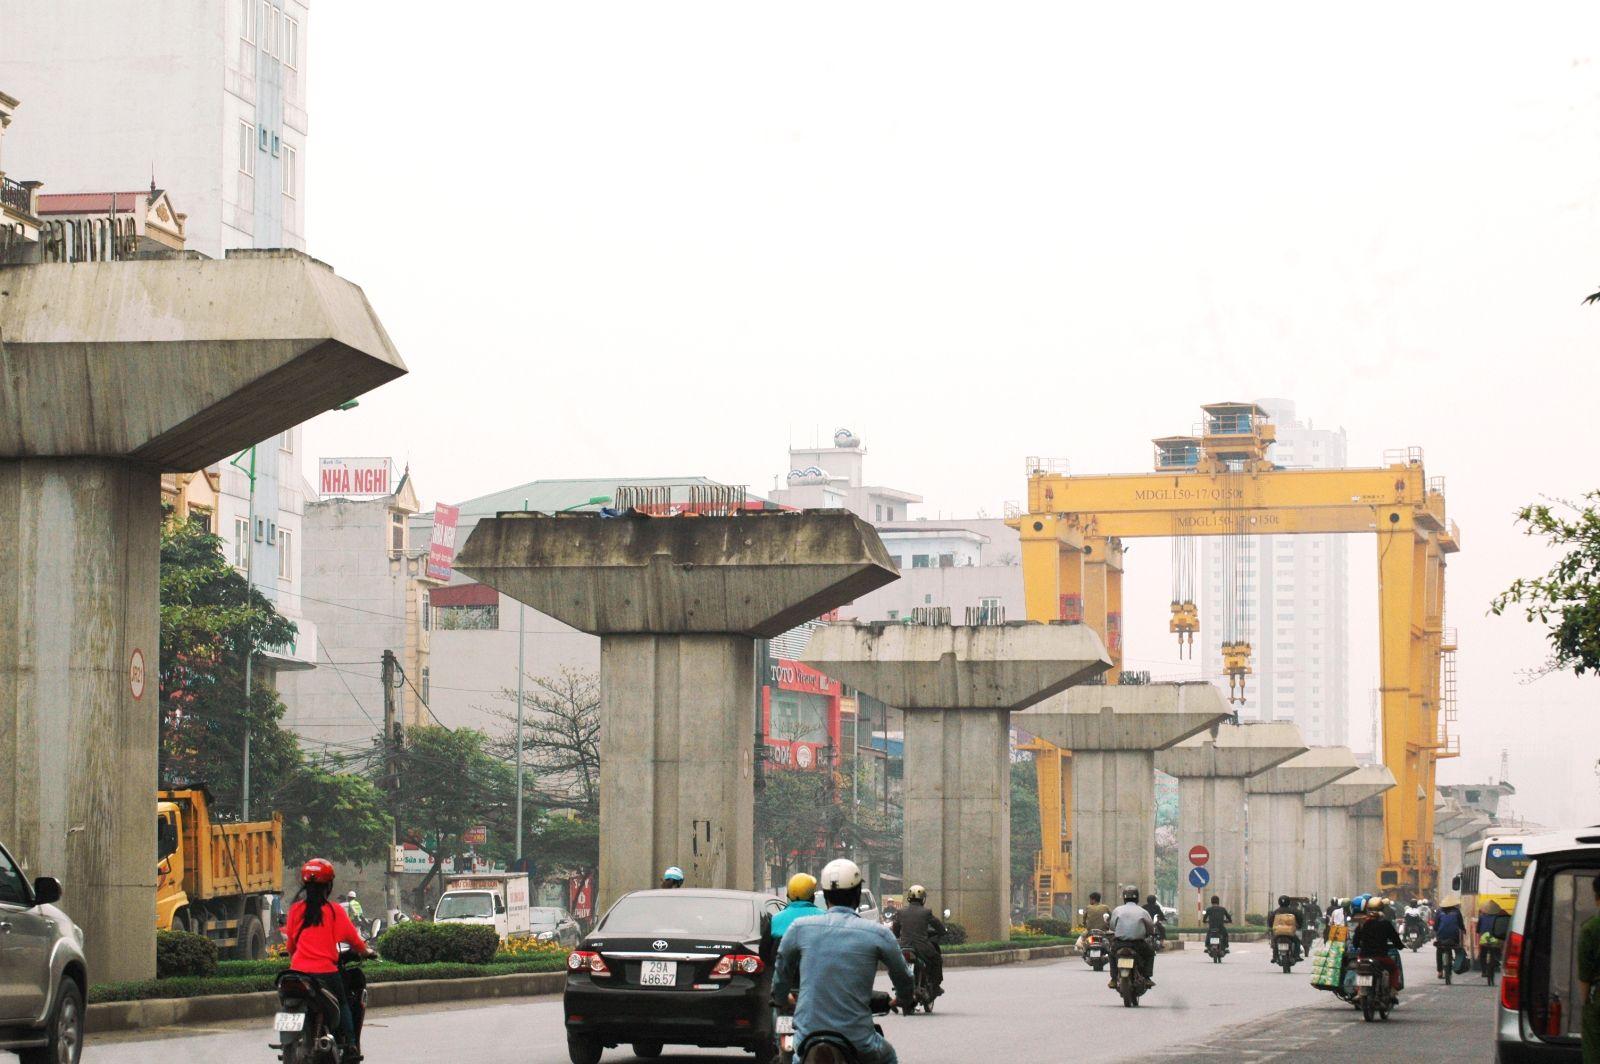 Dự án hạ tầng Trung Cộng ở Việt Nam tồi tệ, bê trễ và tốn kém chứ không rẻ